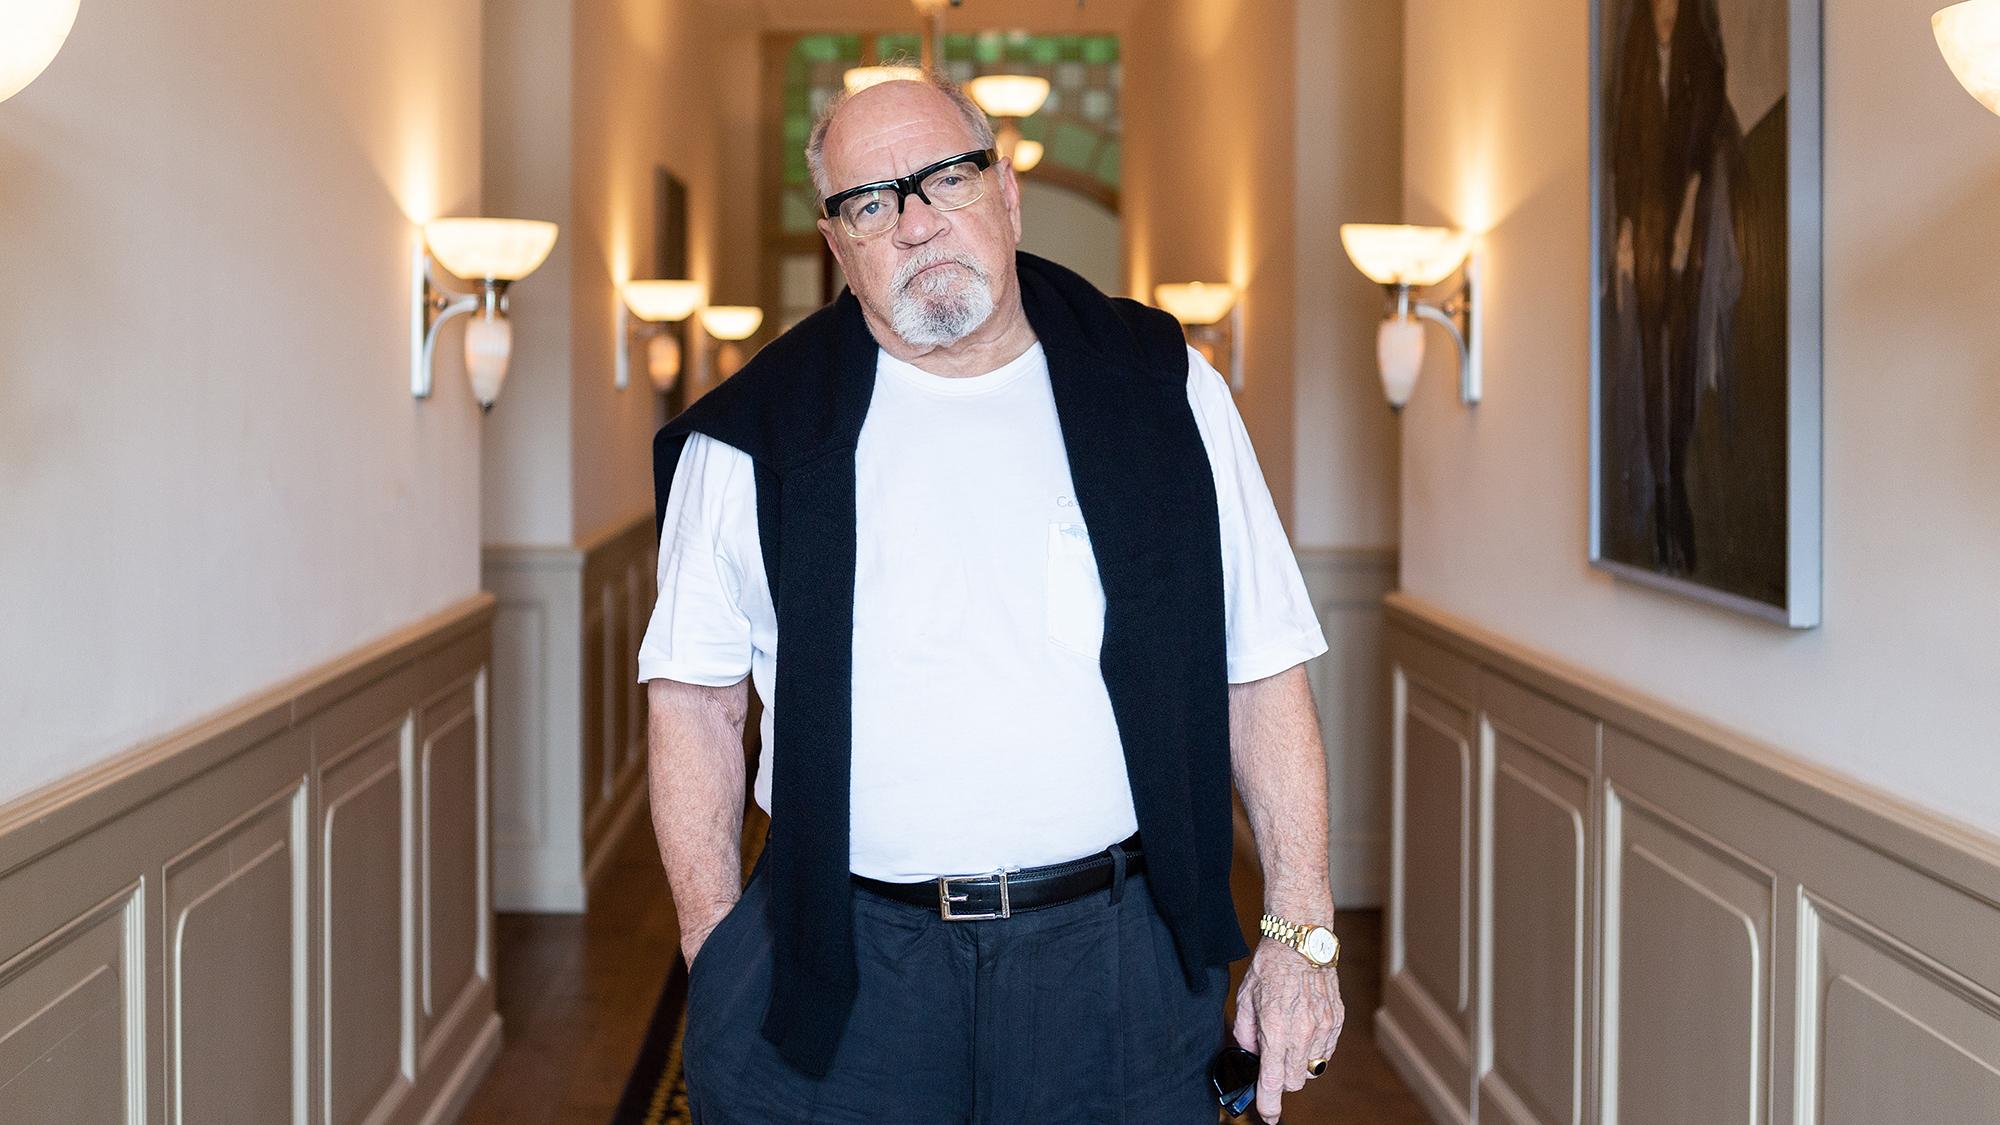 Drehbuchautor und Regisseur Paul Schrader im Hotel Trois Rois in Basel, 31. Mai 2018